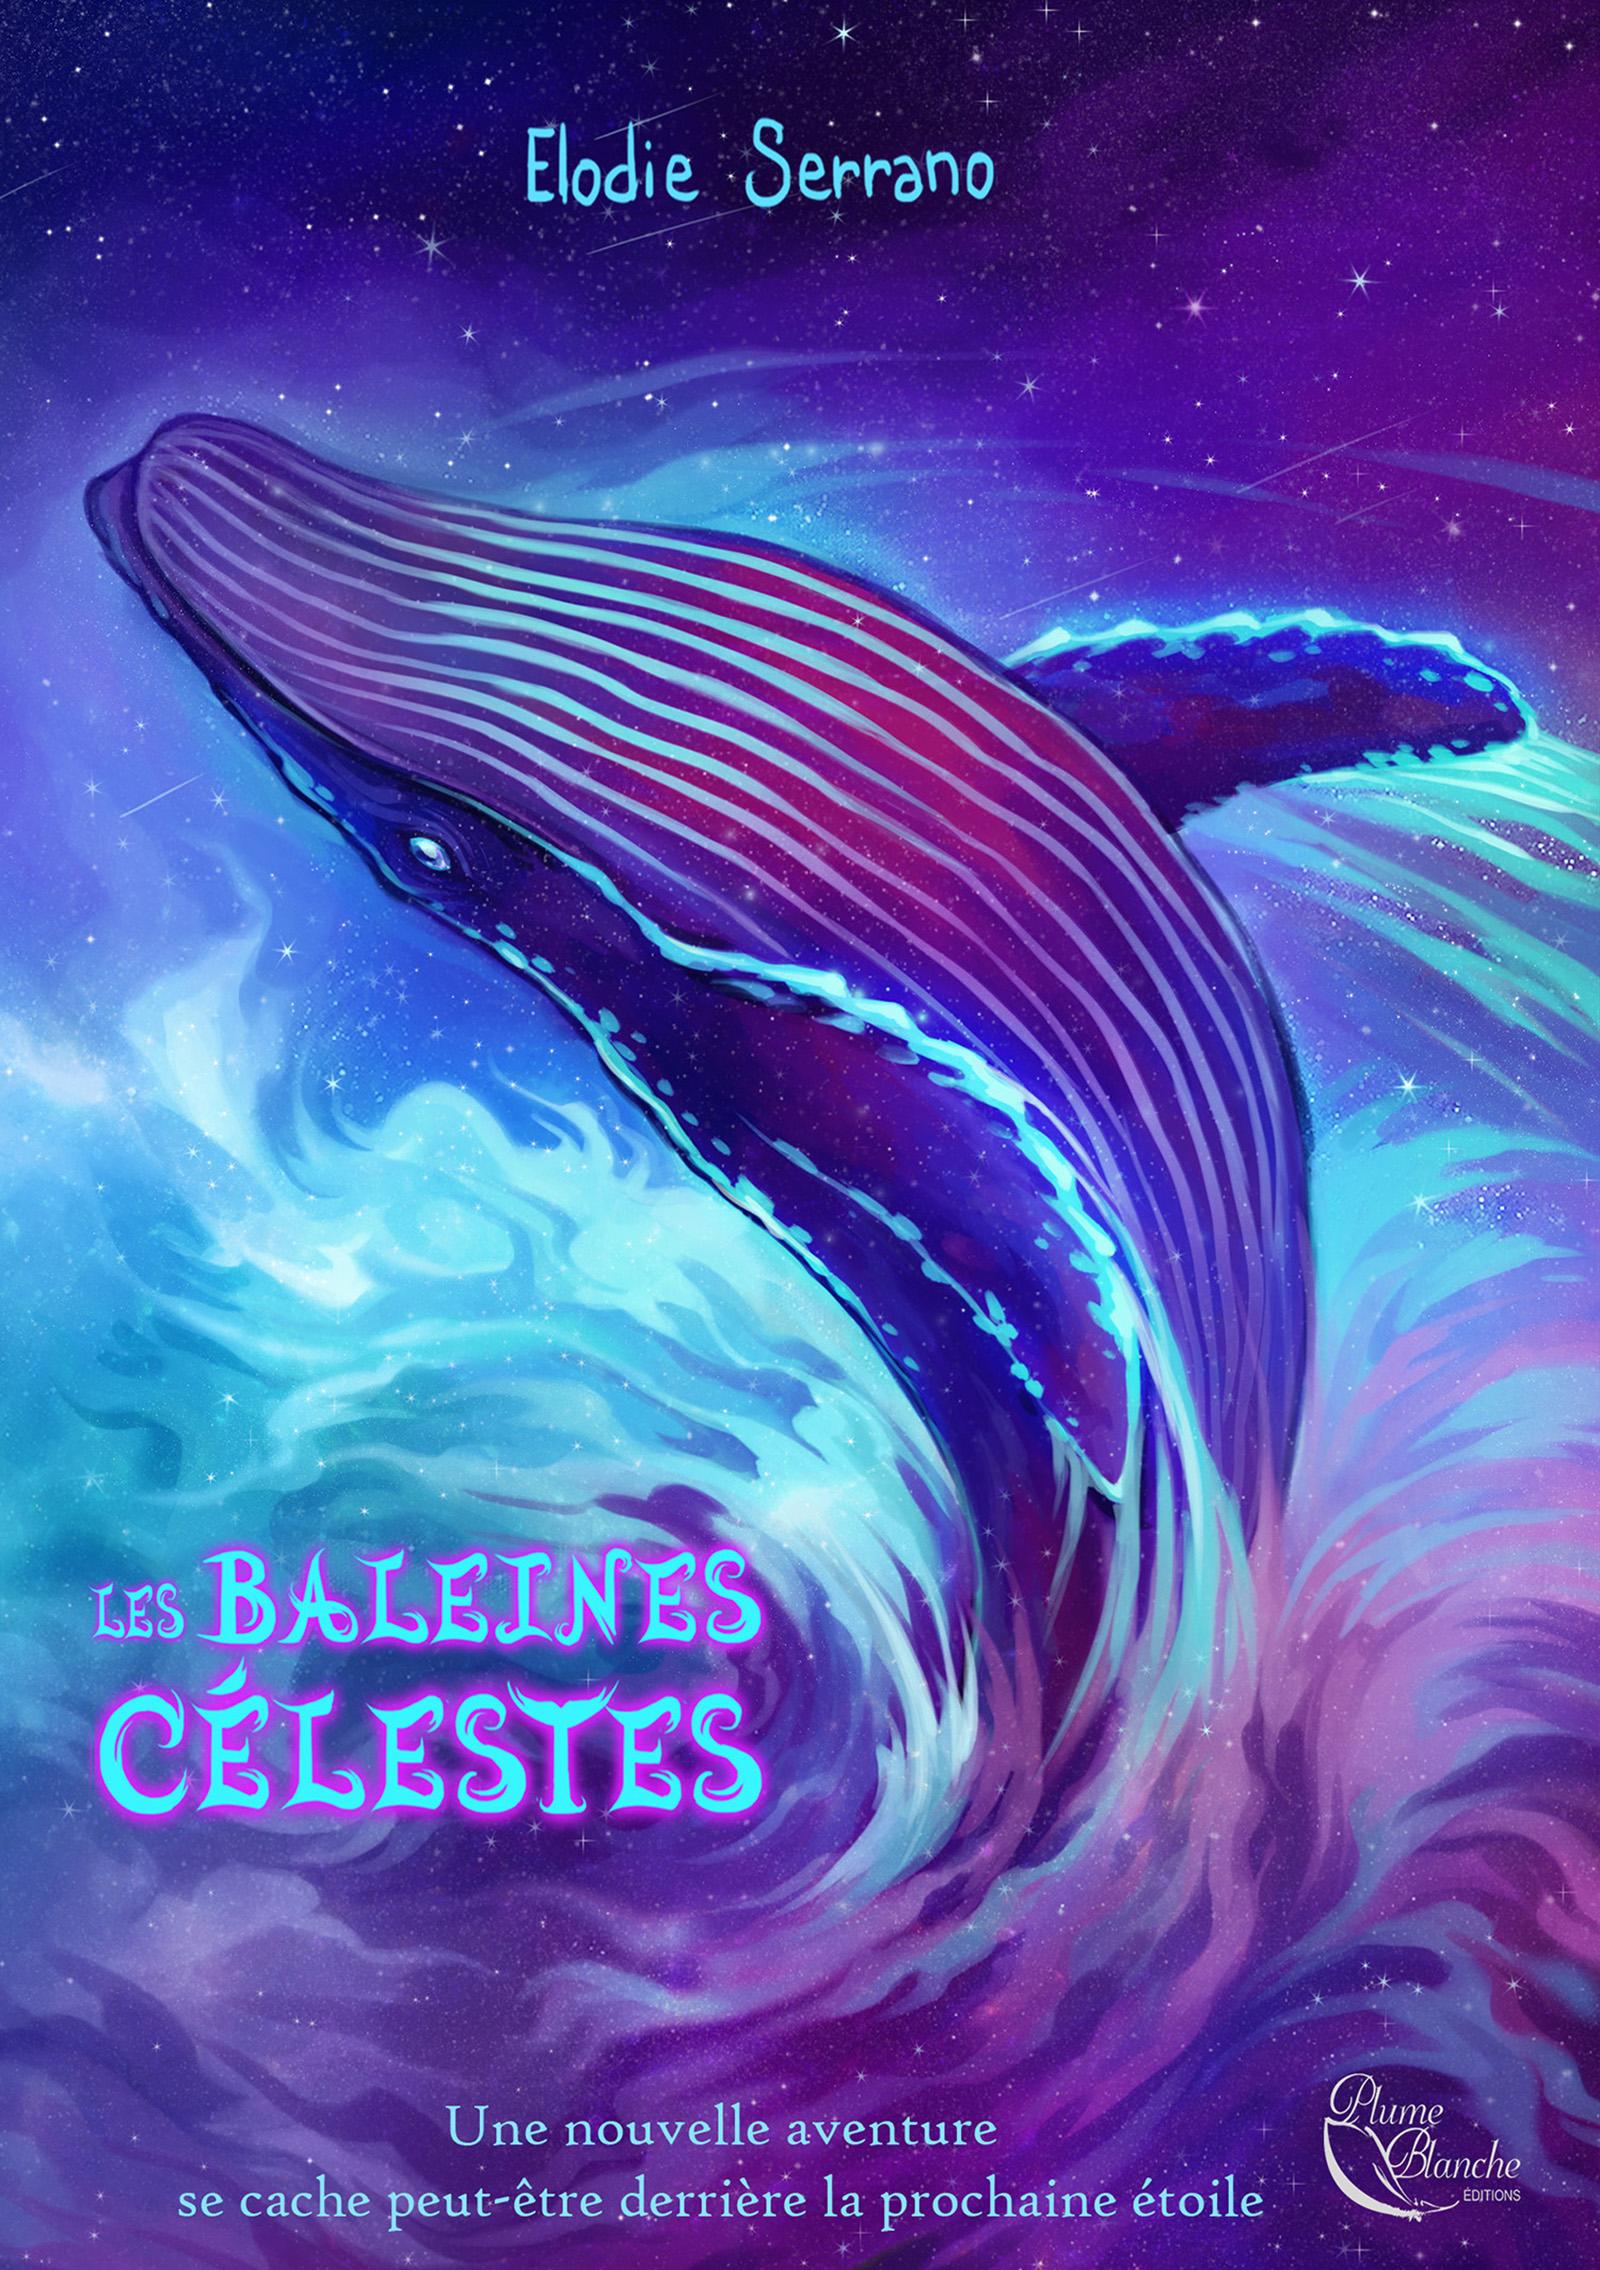 Les Baleines célestes, Space opera